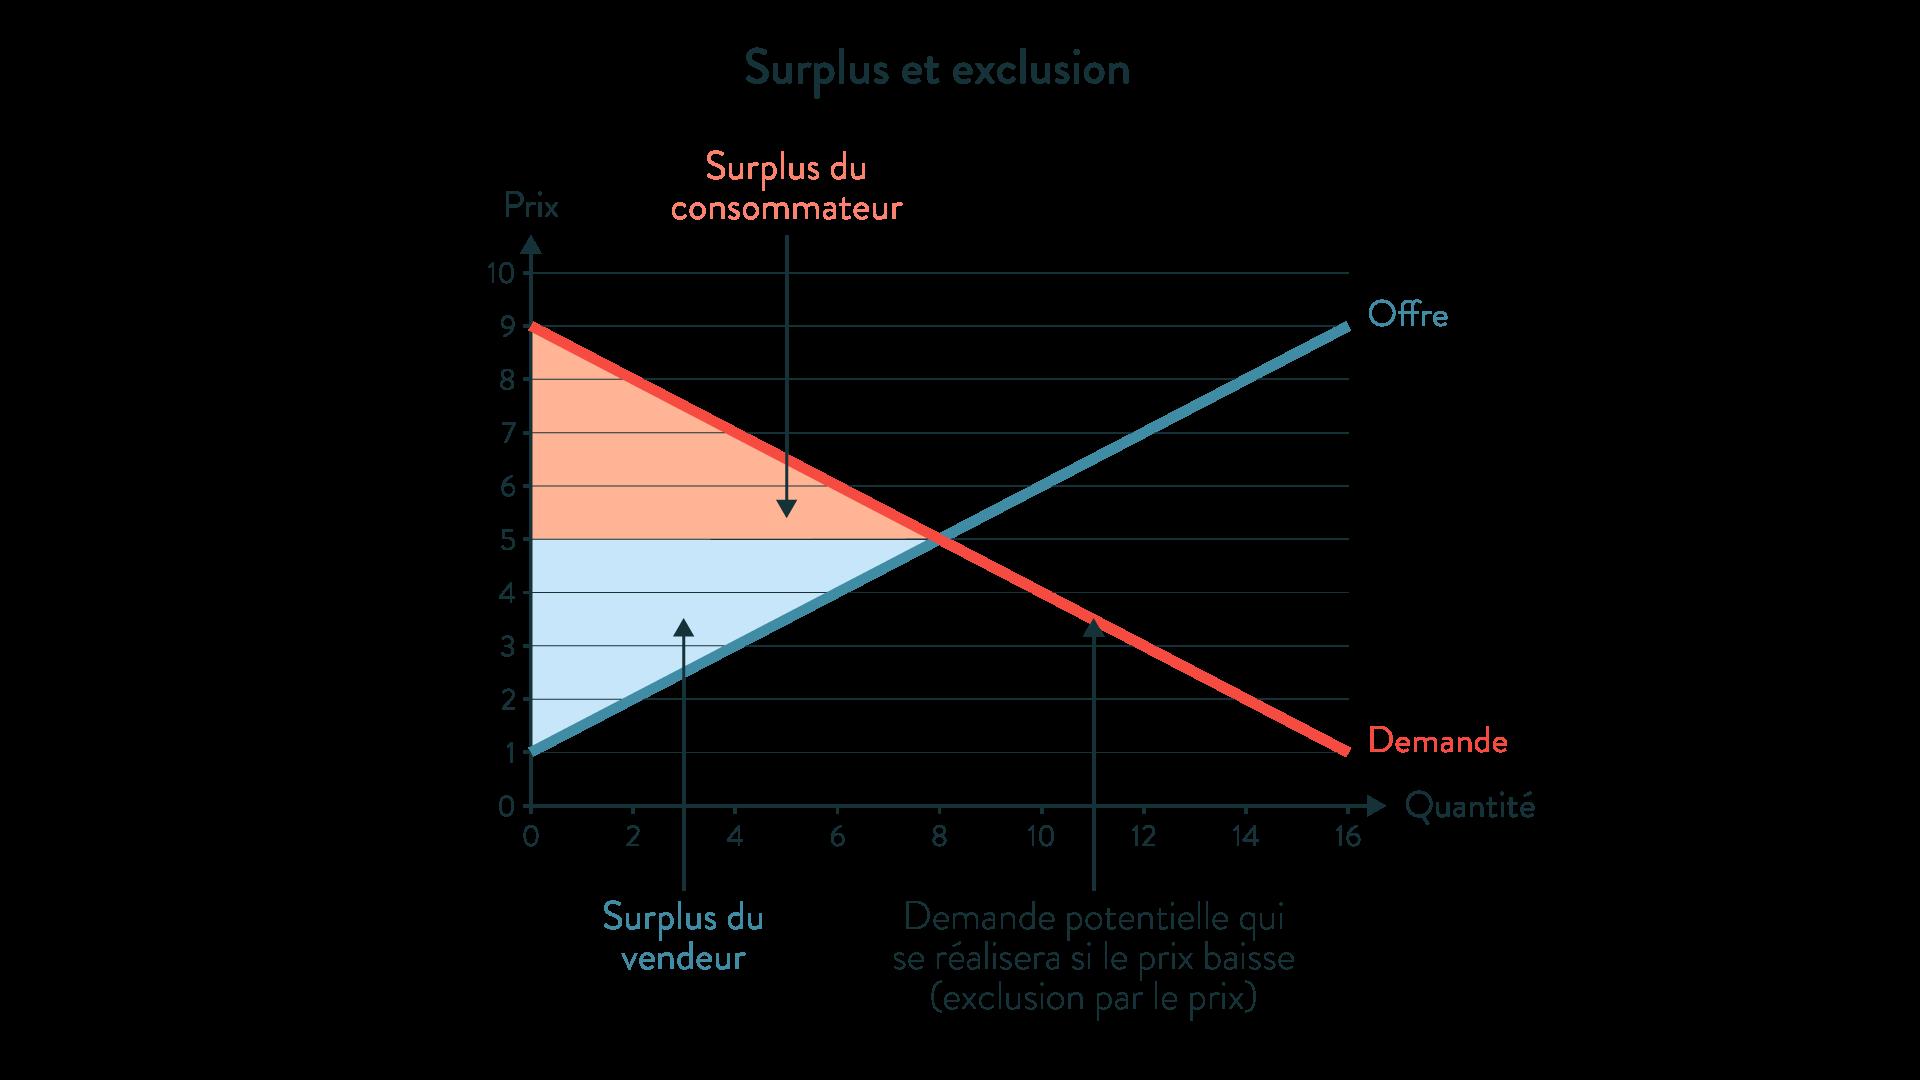 ses première surplus et exclusion producteur consommateur offre demande quantité prix